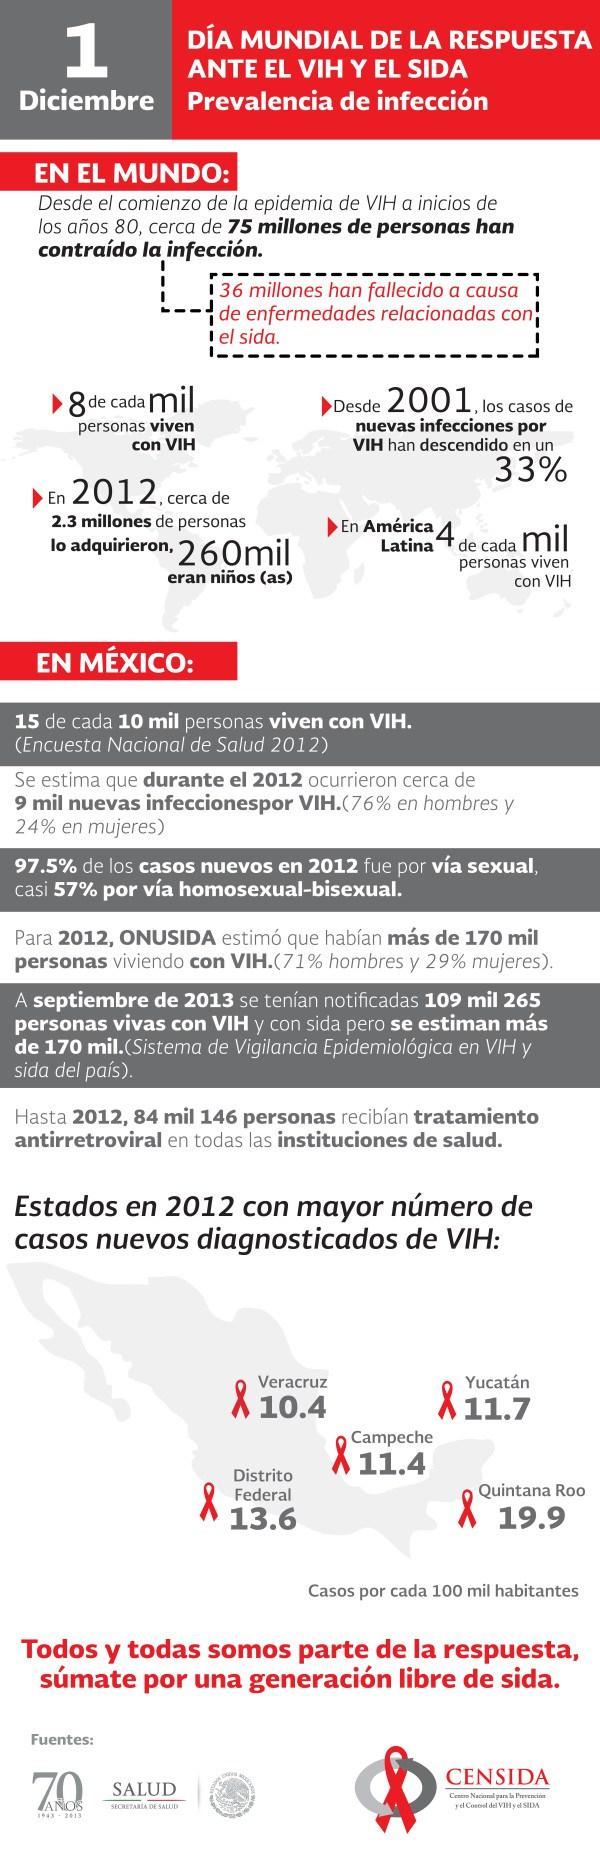 Día mundial de la respuesta ante el Sida #infografia